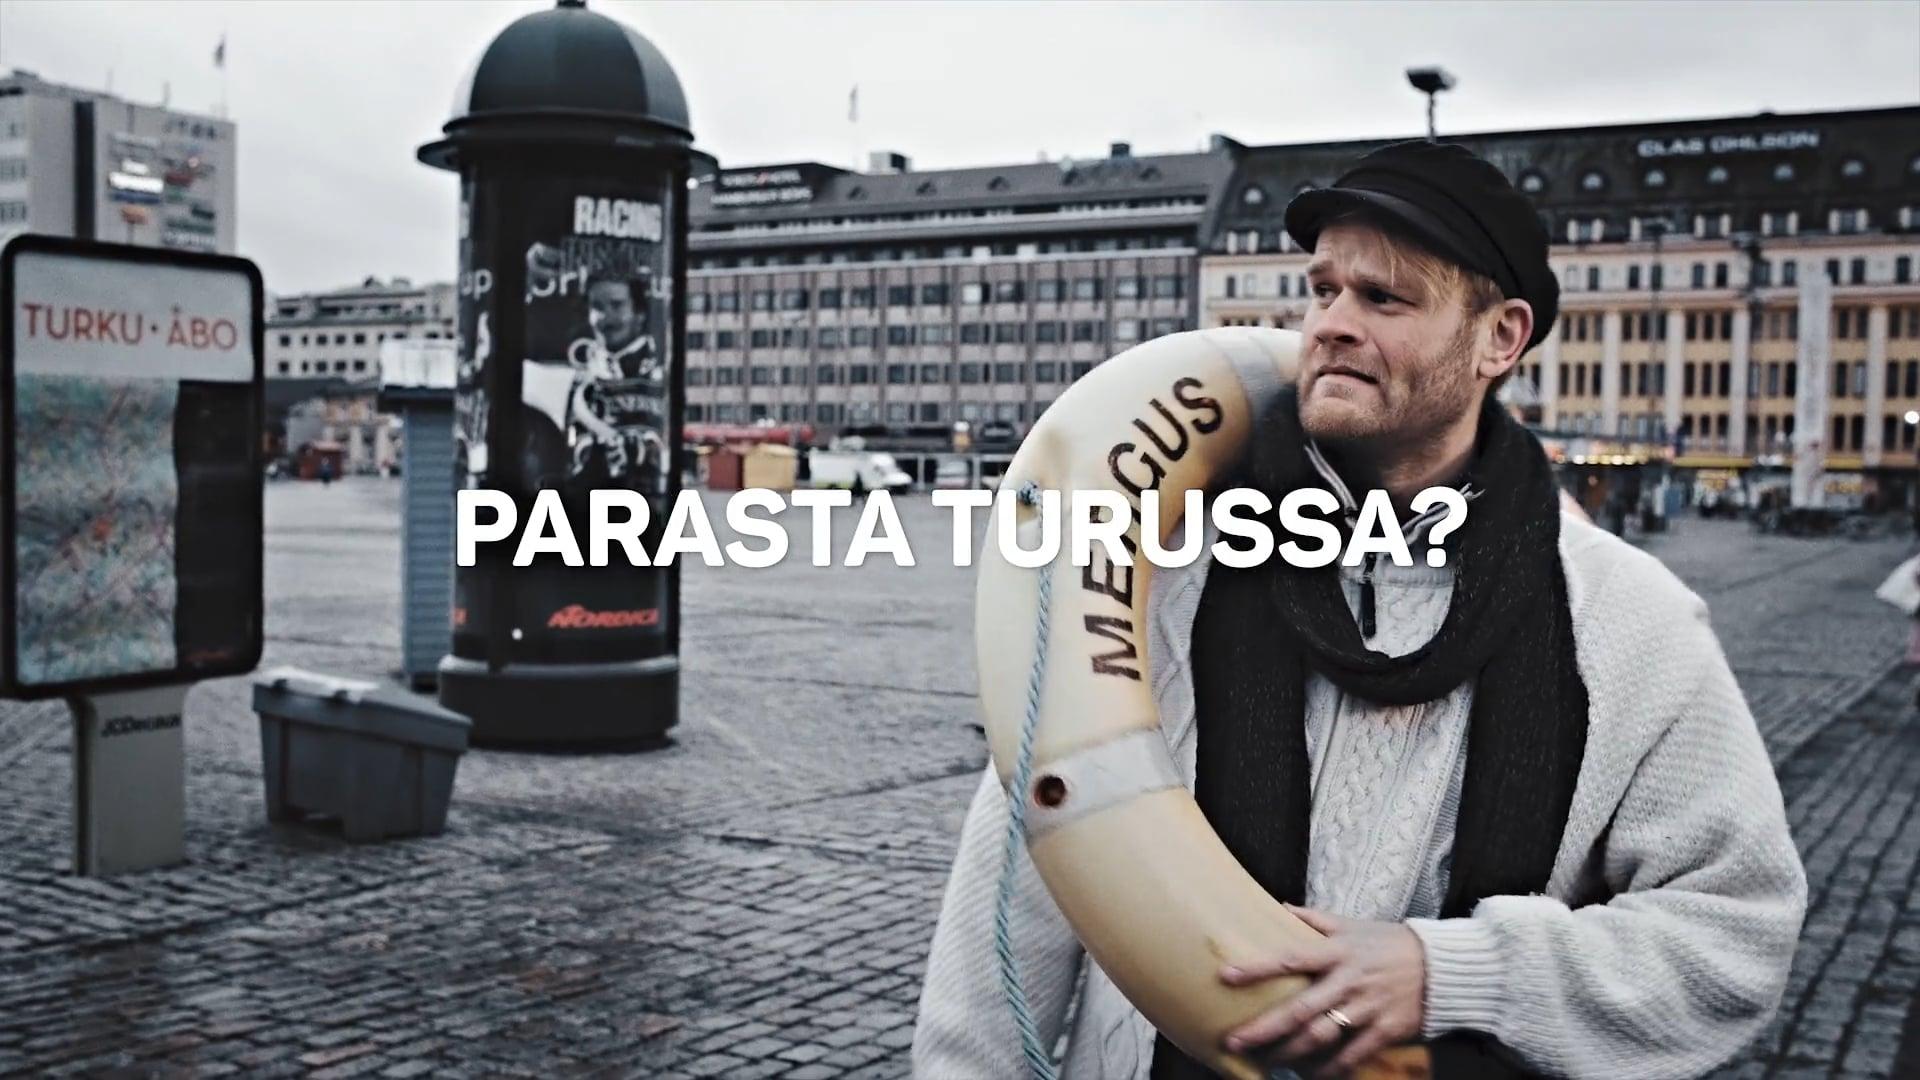 Skärgårdsbaren/Saaristobaari - Parasta Turussa?